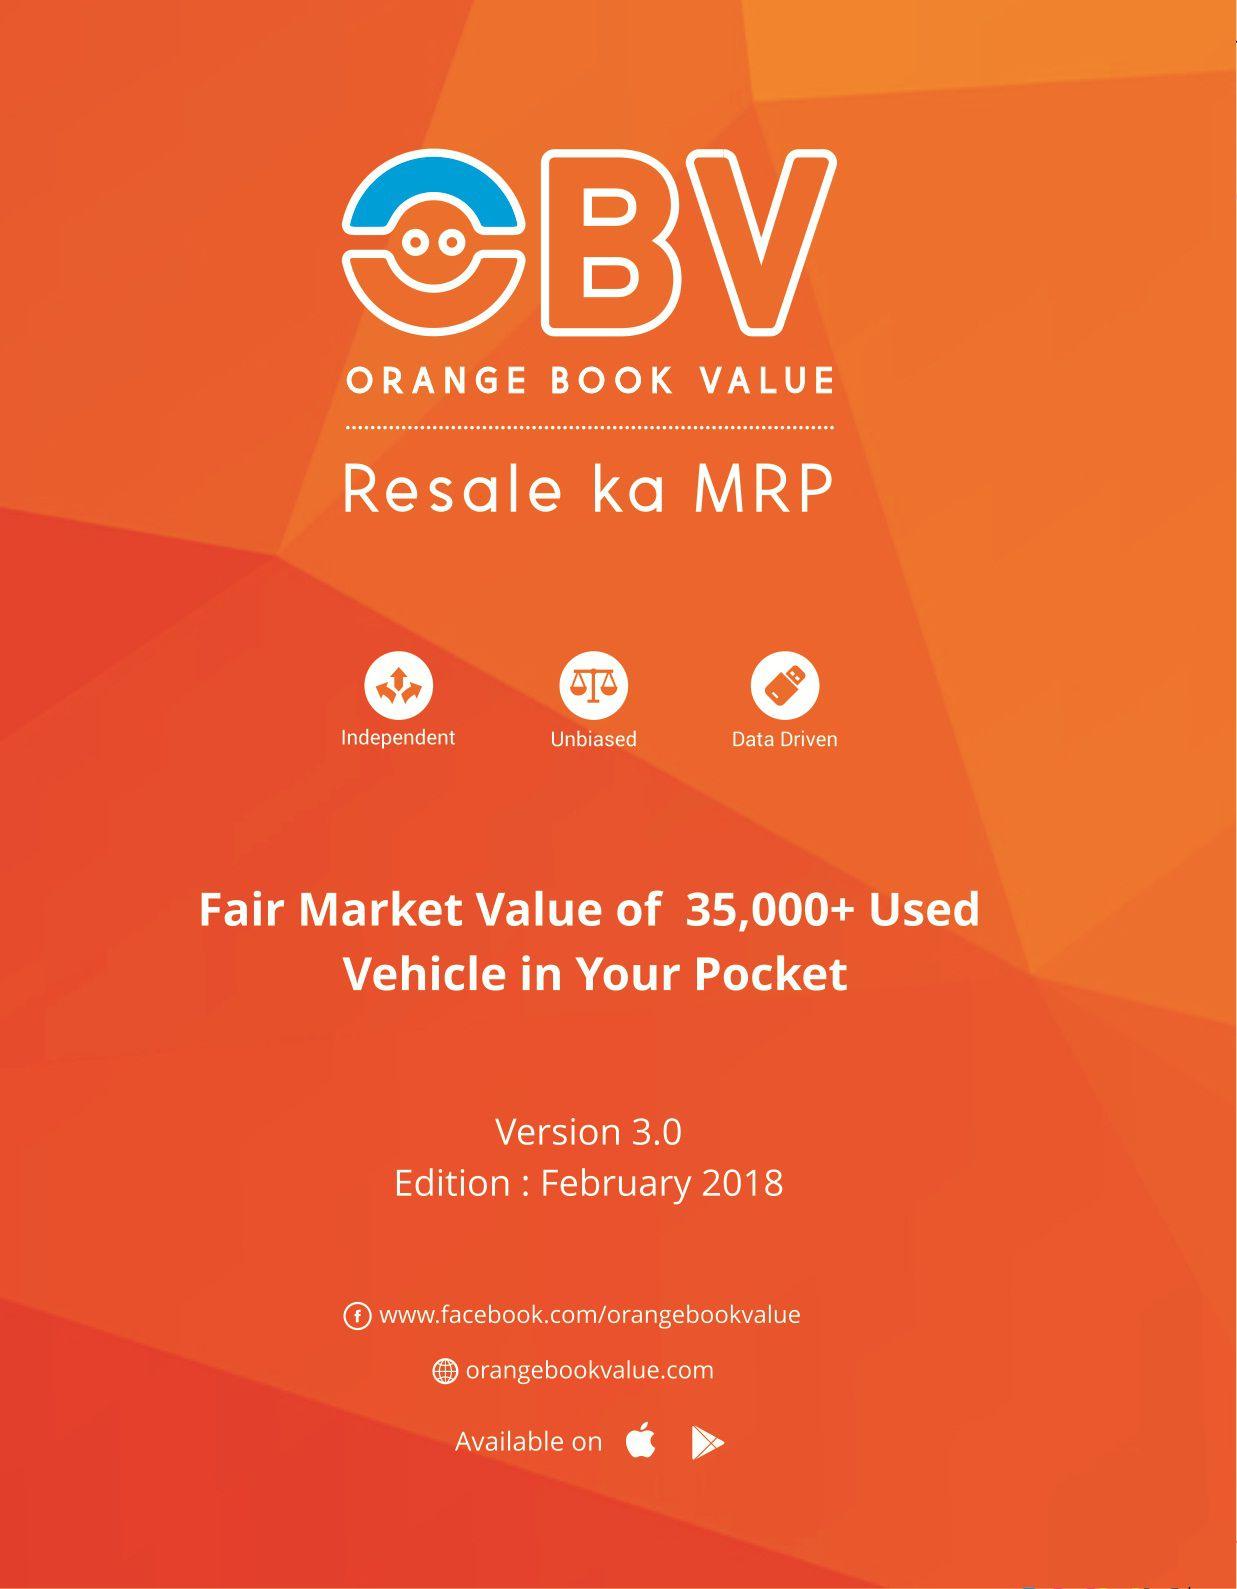 OBV Orange Book Value – Version 3